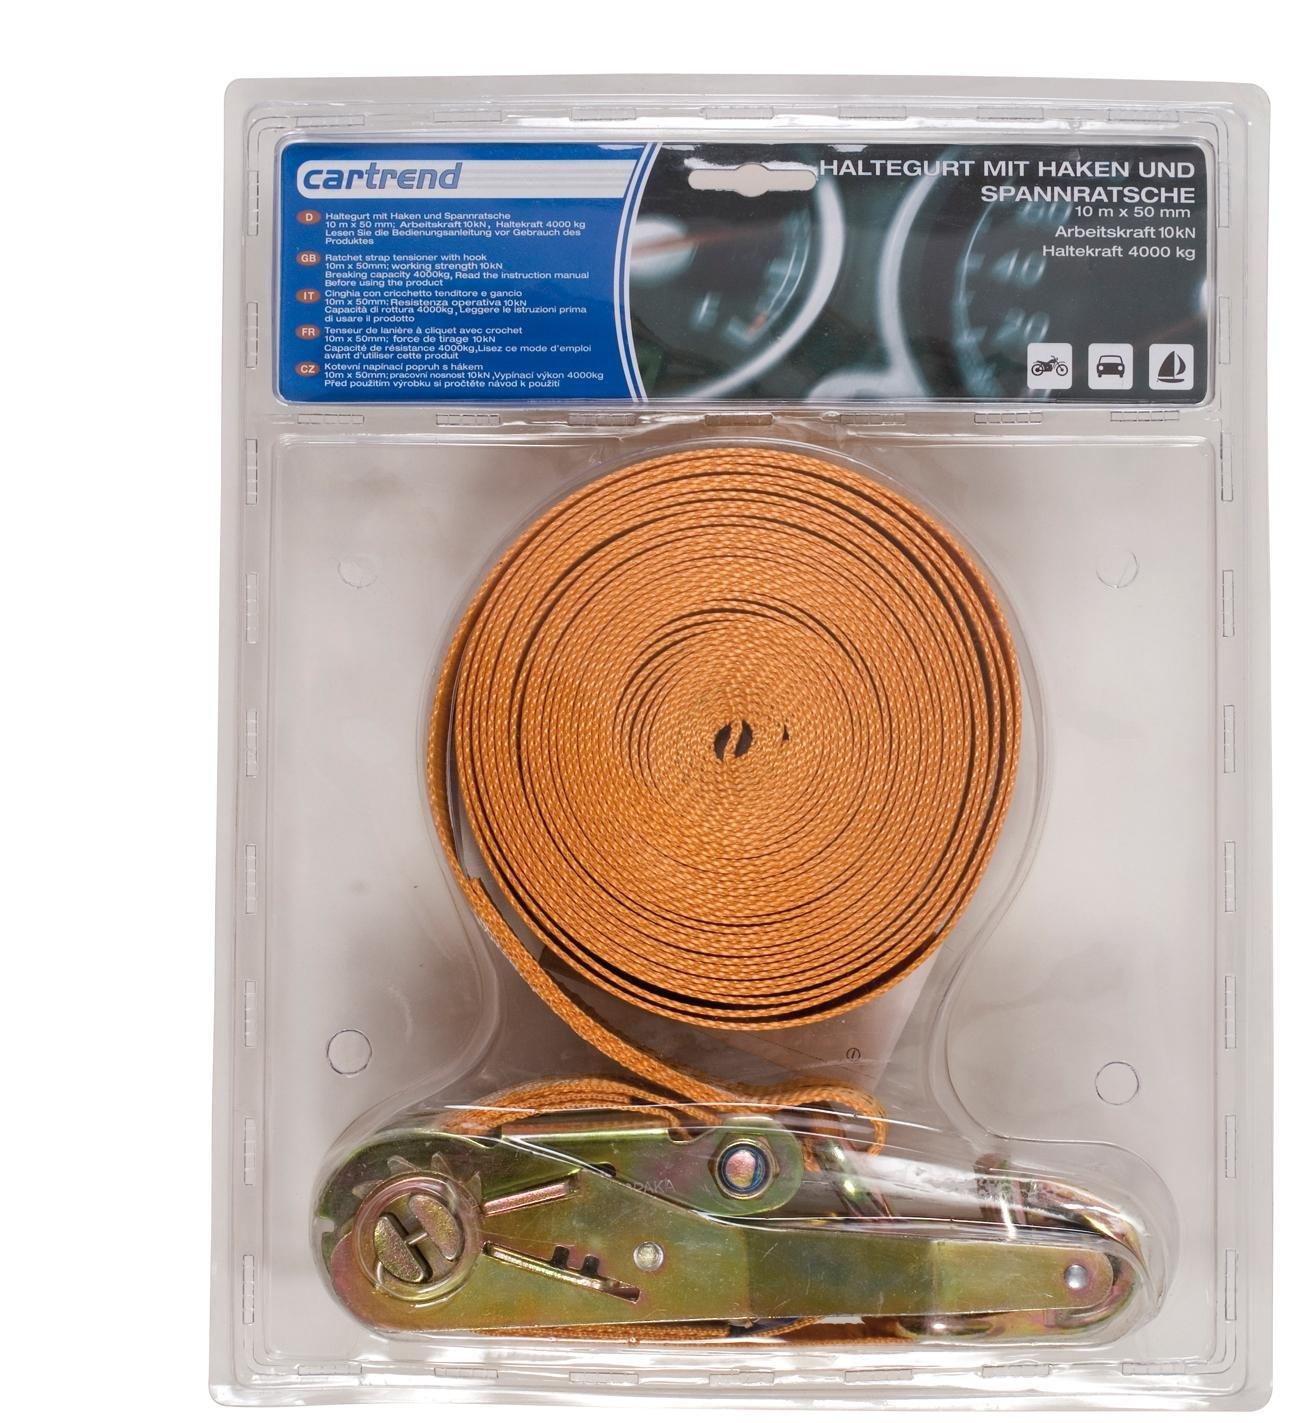 Cartrend 70150 Correa de amarre Set Deluxe  50 mm x 7 metros 2 Unidades con tensores y ganchos